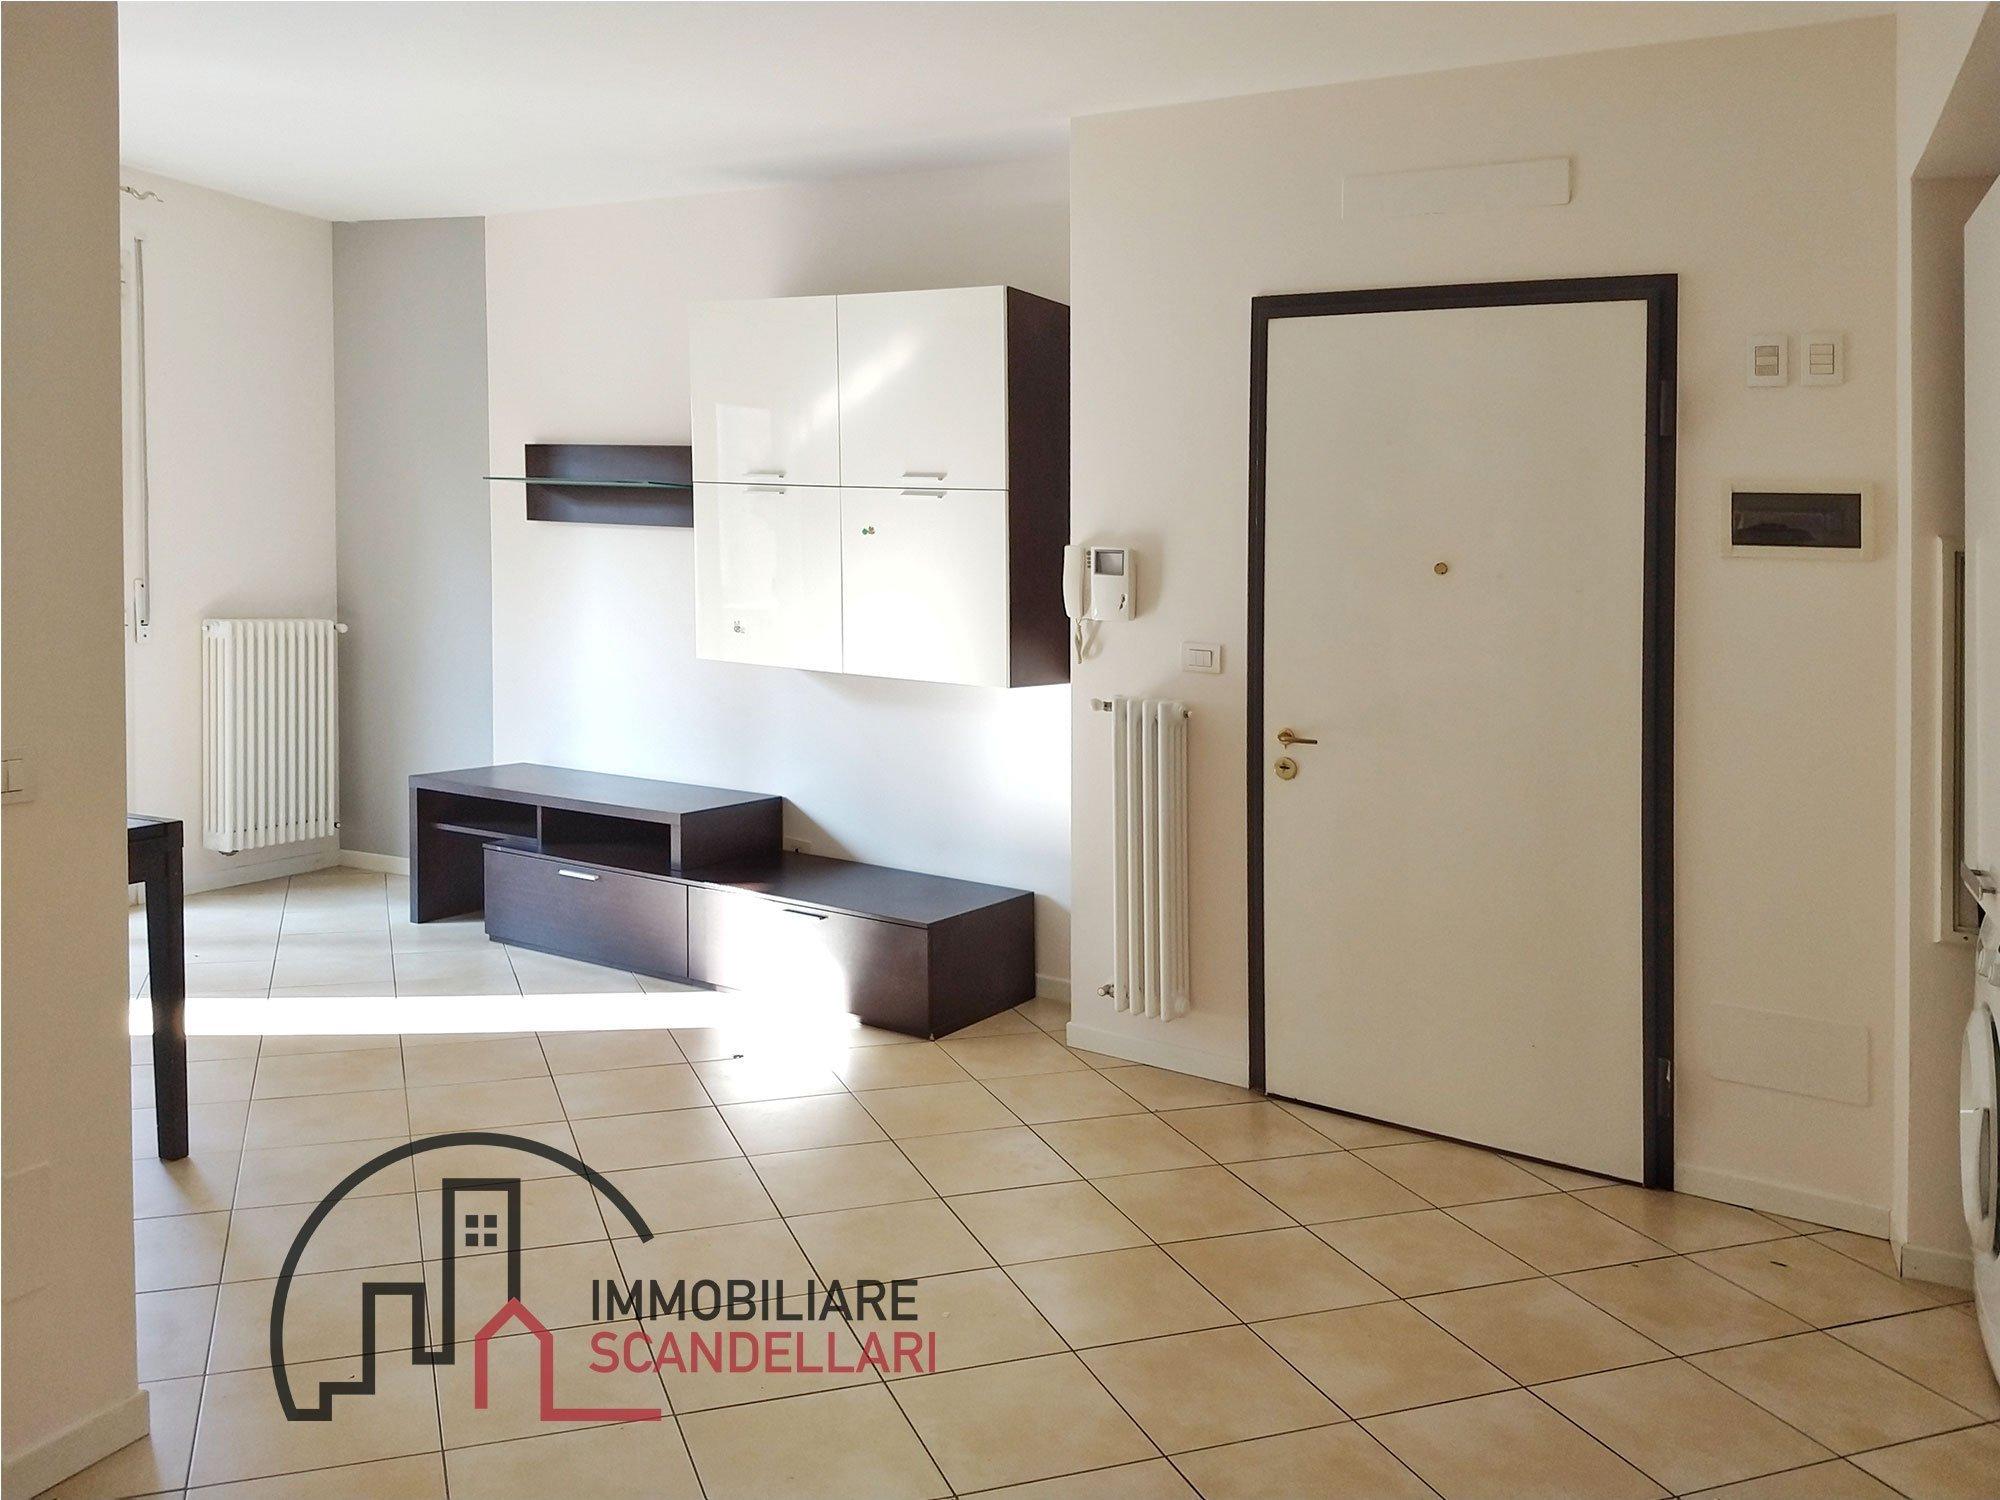 Rimini - San Giuliano Mare - Trilocale recente con garage - Immobiliare Scandellari